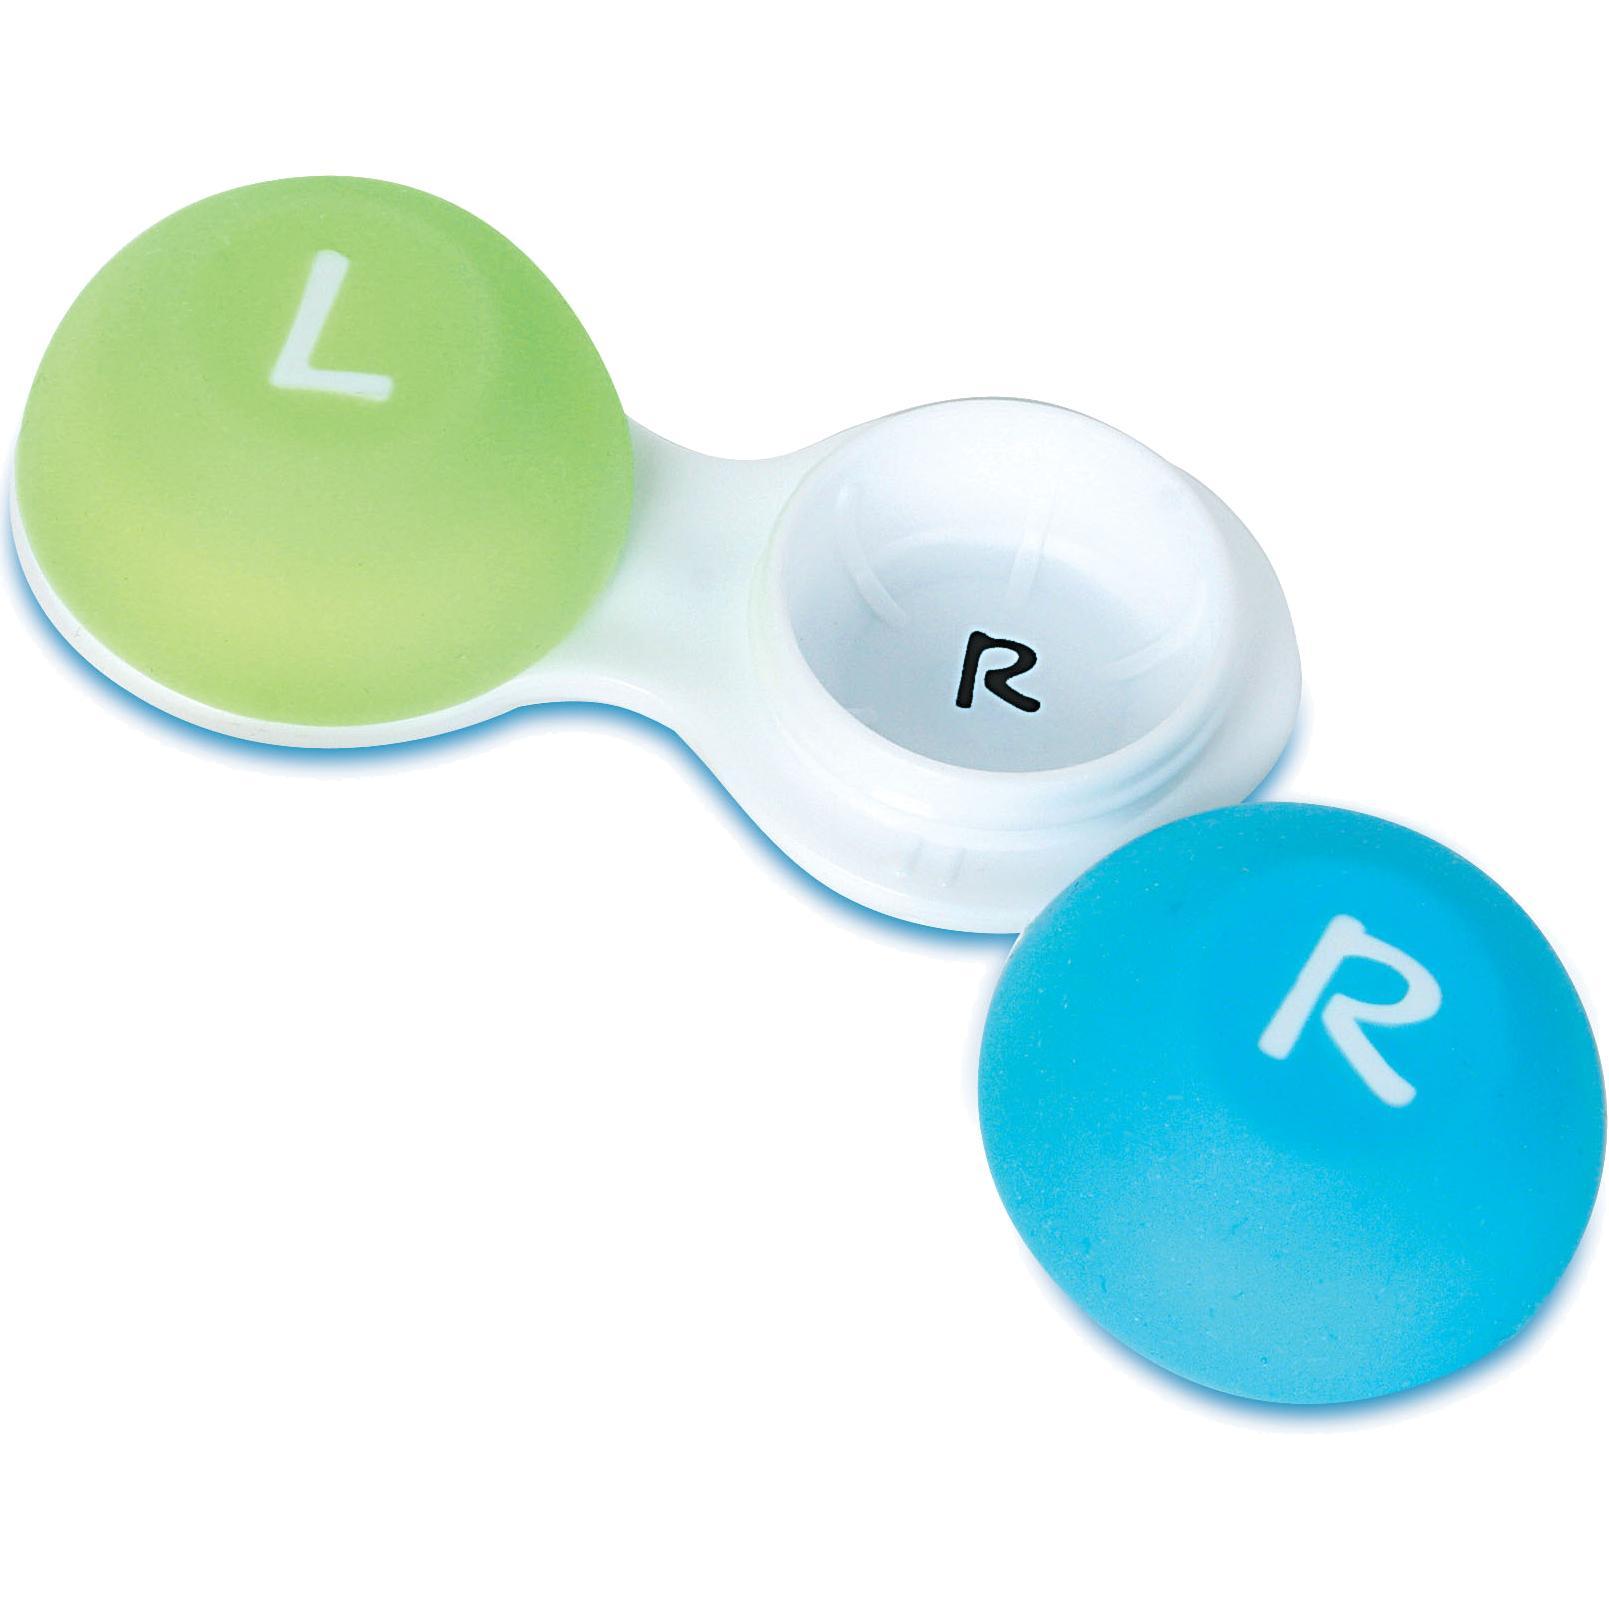 Estuche para lentillas productos de farmacia ortop dia - Estuche para lentillas ...